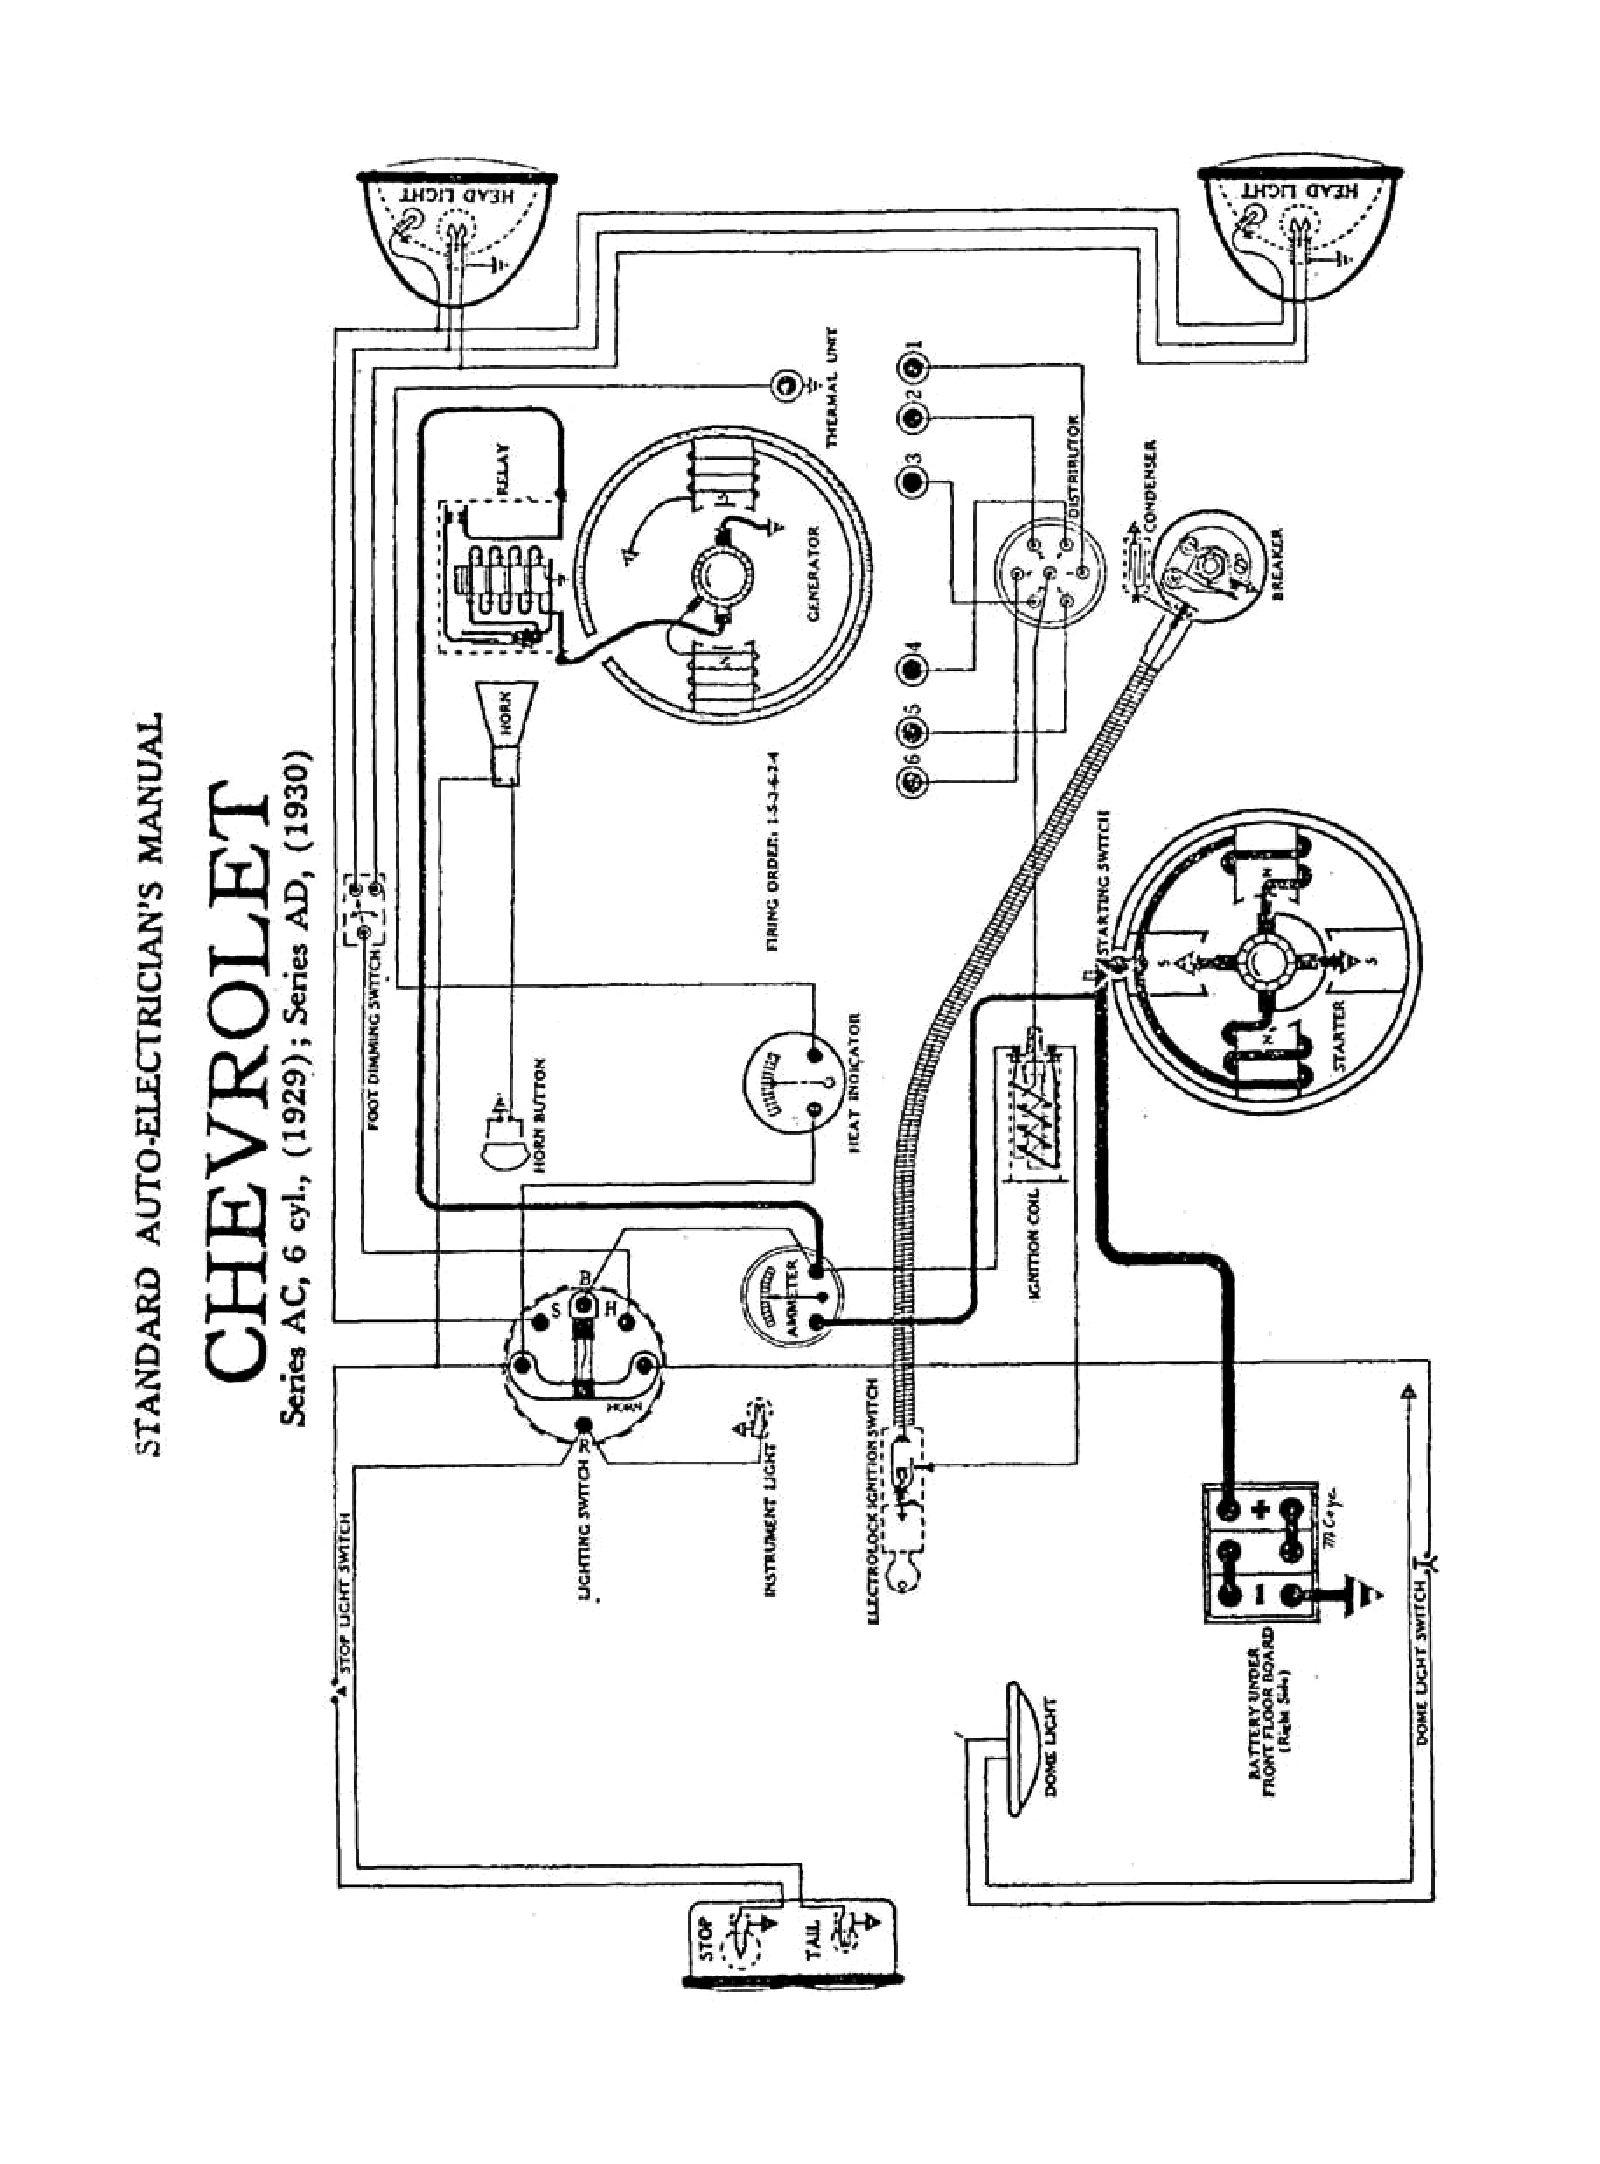 9n 2n wiring diagram